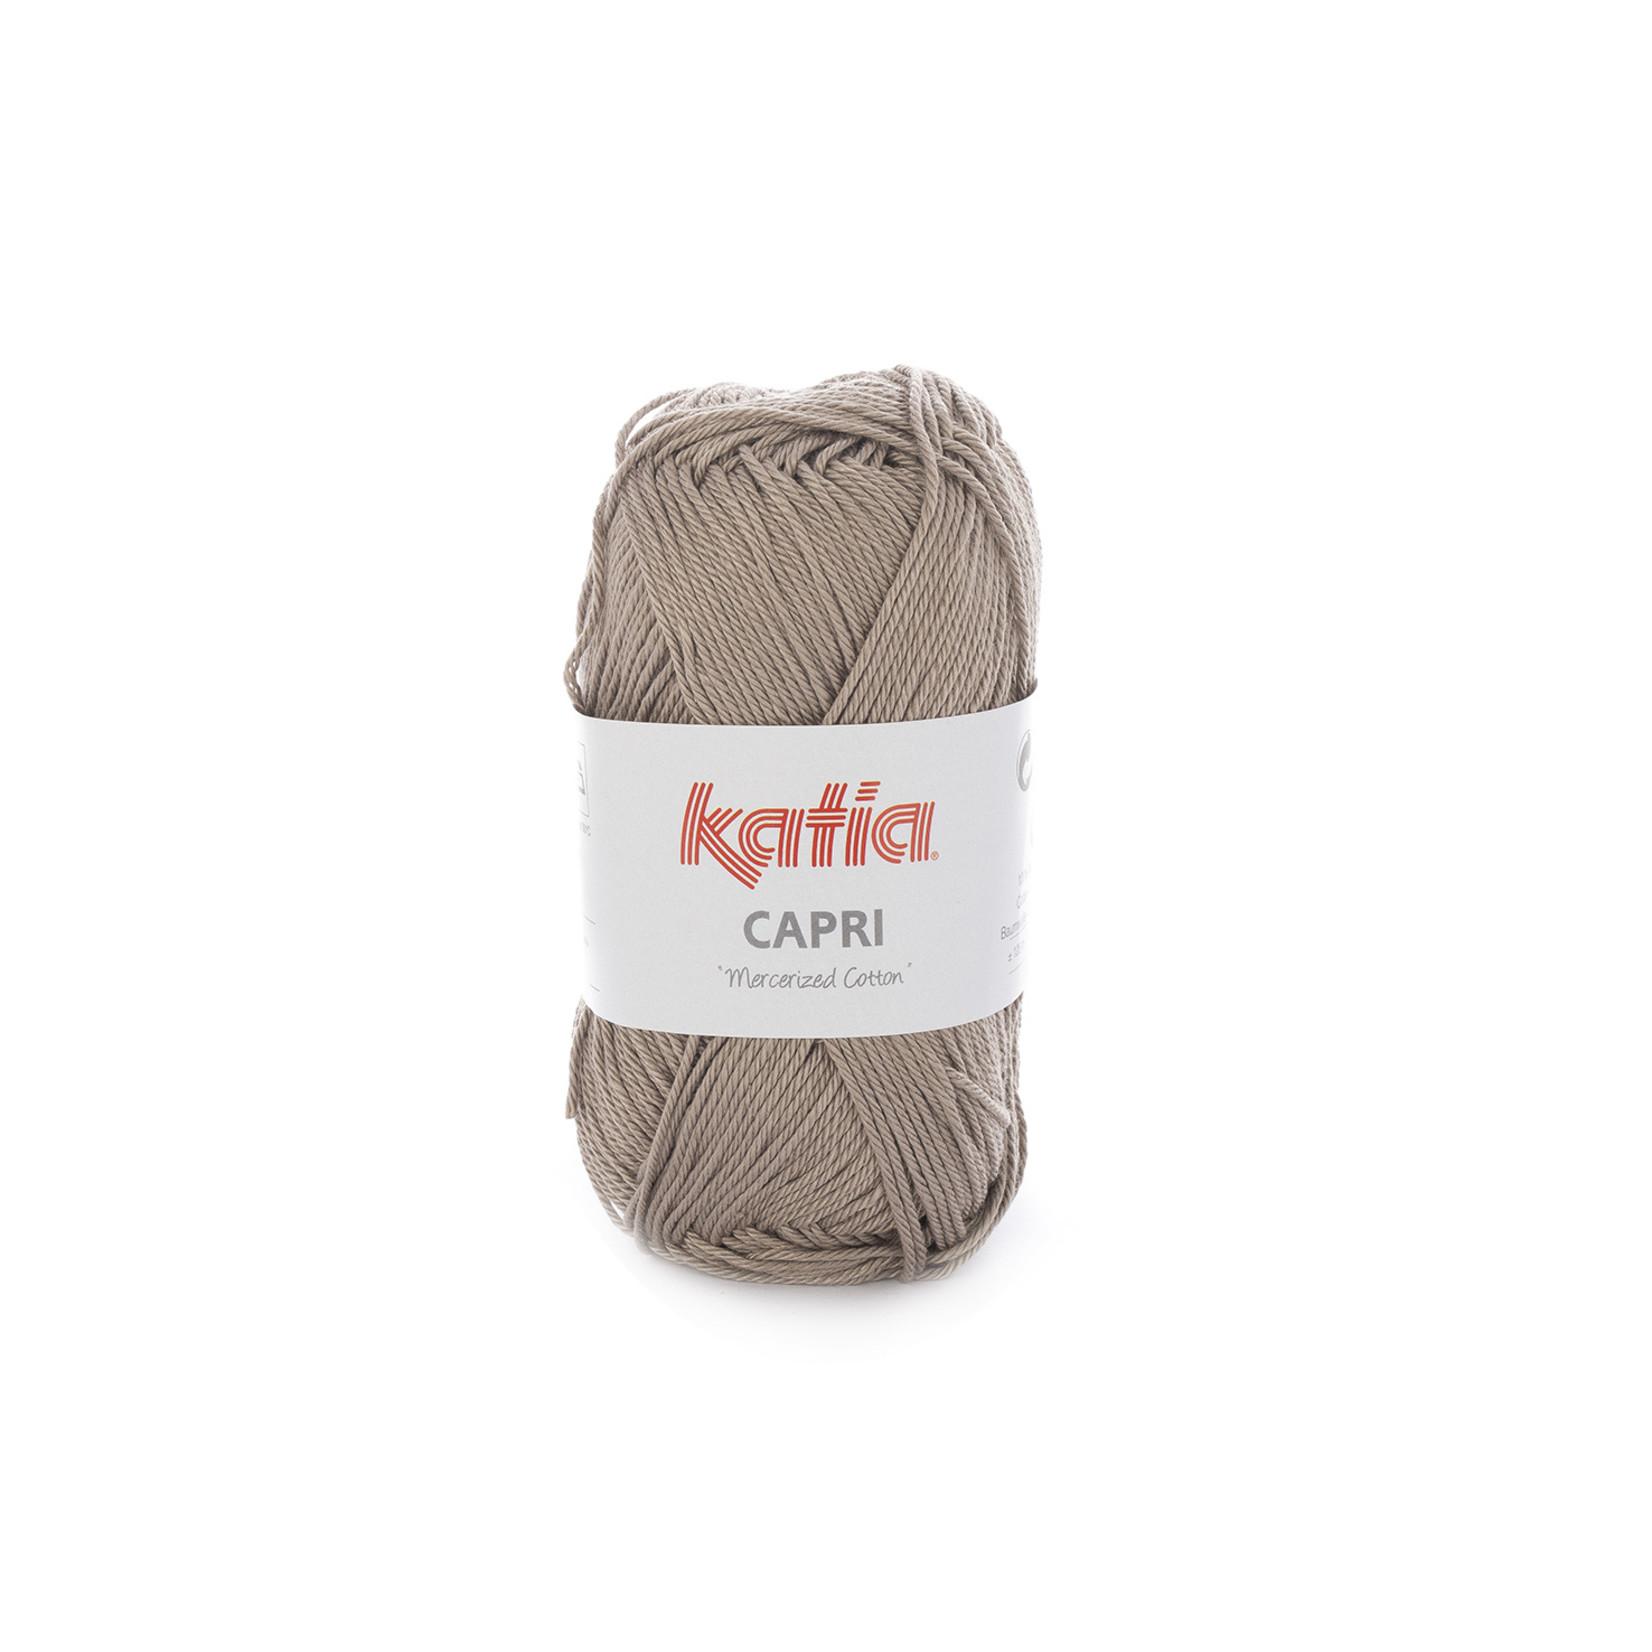 Katia Katia Capri - kleur 126 Kaki - 50 gr. = 125 m. - 100% katoen